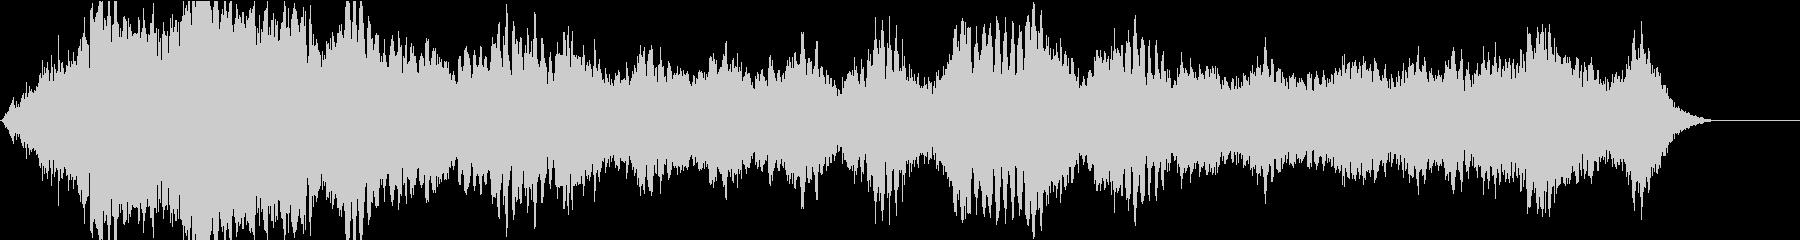 ドローン エジプトロー02の未再生の波形